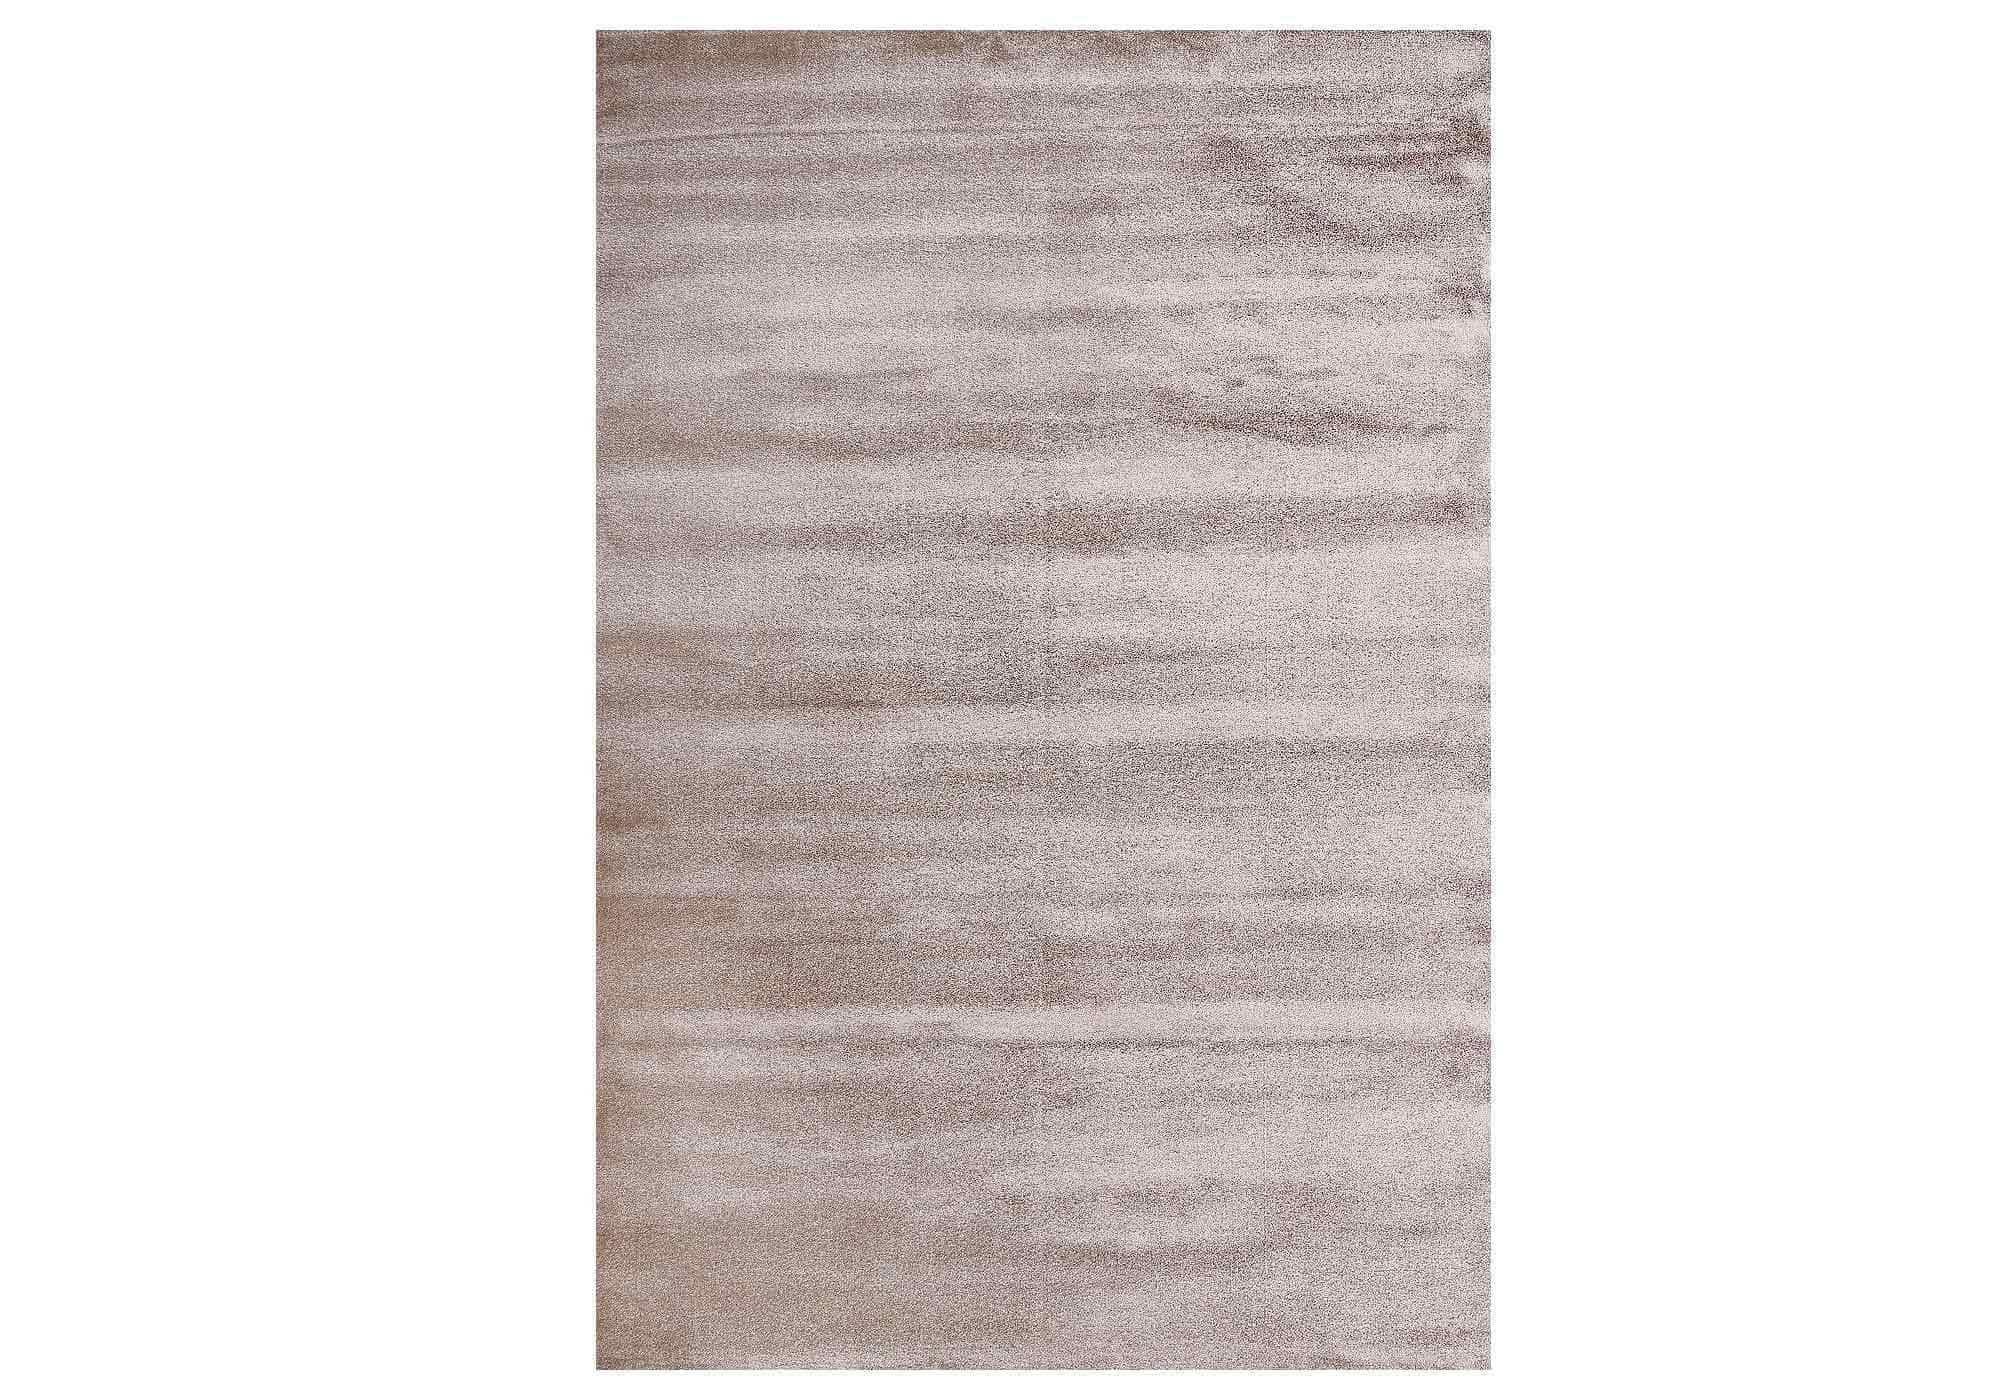 Teppich 120 cm x 170 cm - beige - rechteckig - Enjoy 800